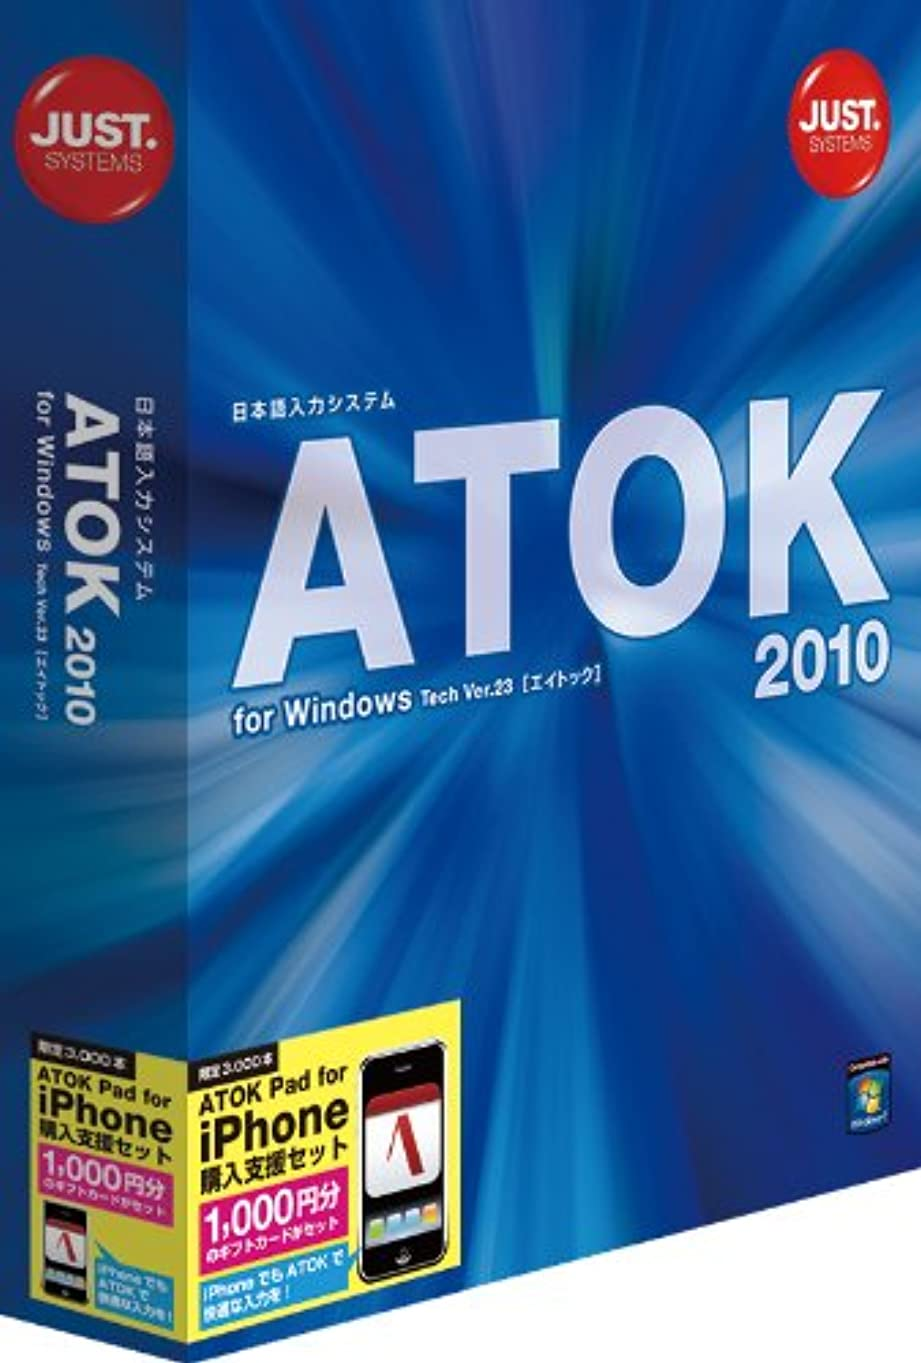 マラソン砂漠面倒ATOK 2010 for Windows [ATOK Pad for iPhone購入支援セット]